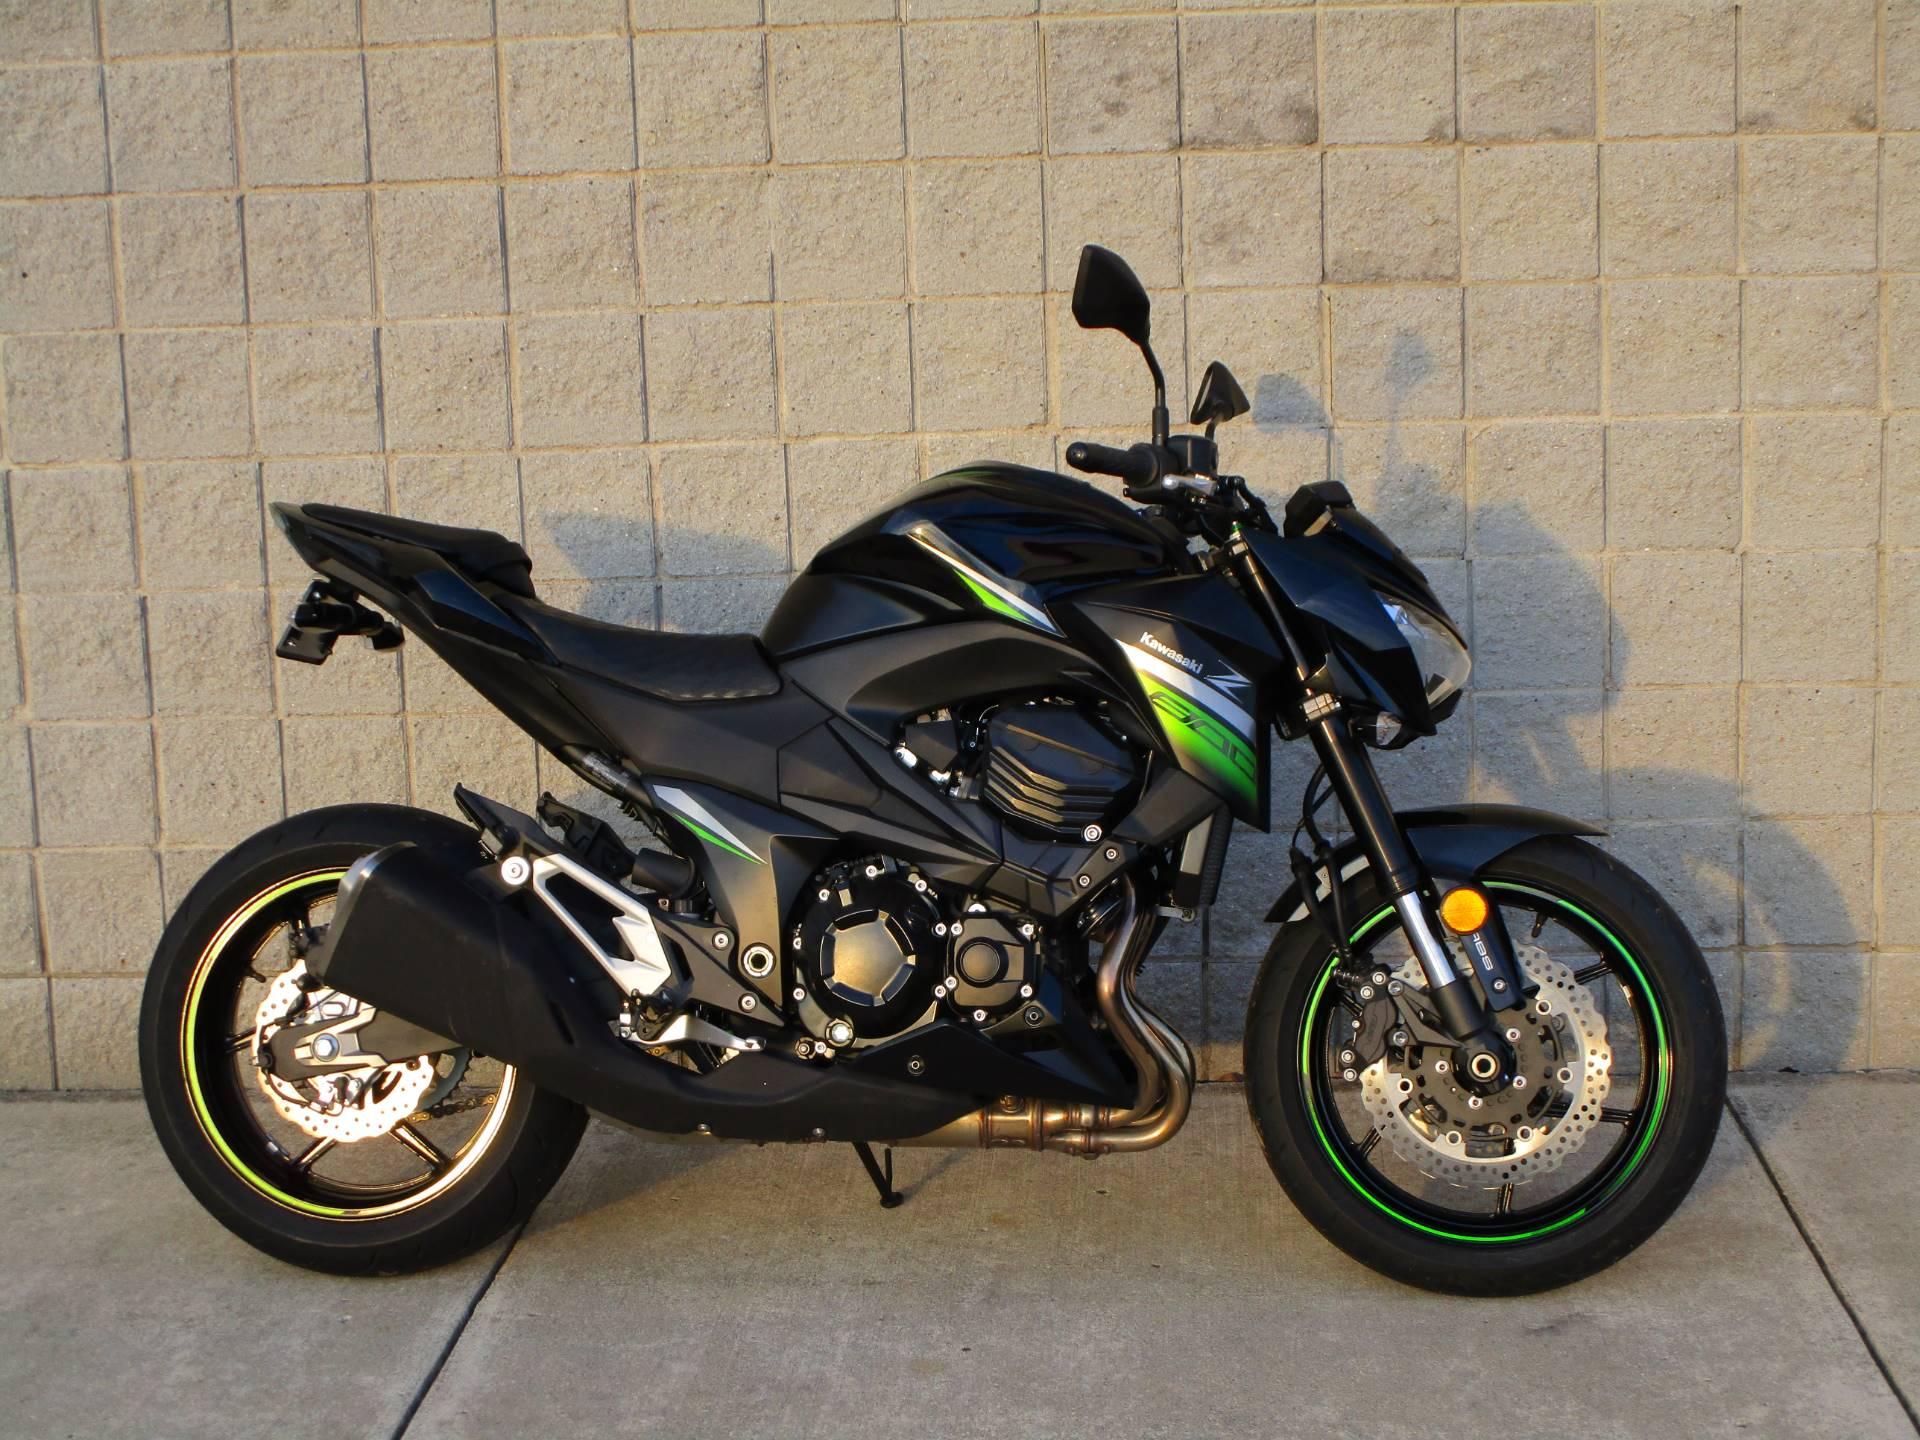 2016 Kawasaki Z800 ABS 1